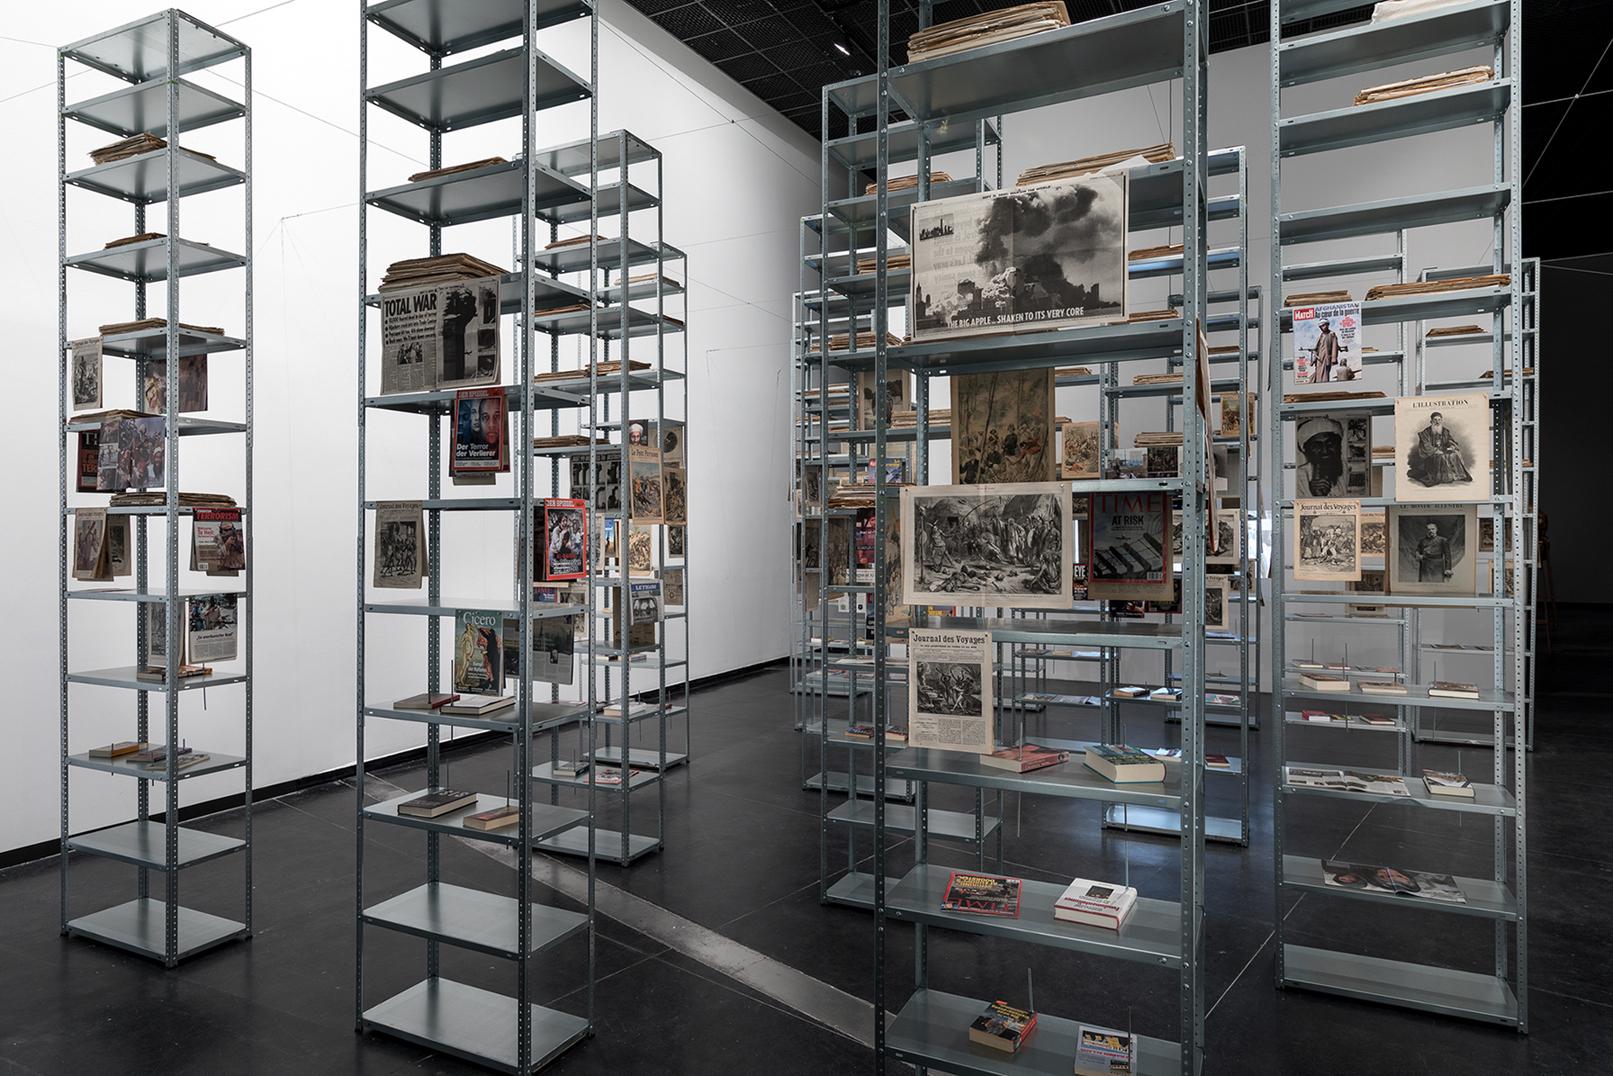 Kader Attia • Australian Centre for Contemporary Art